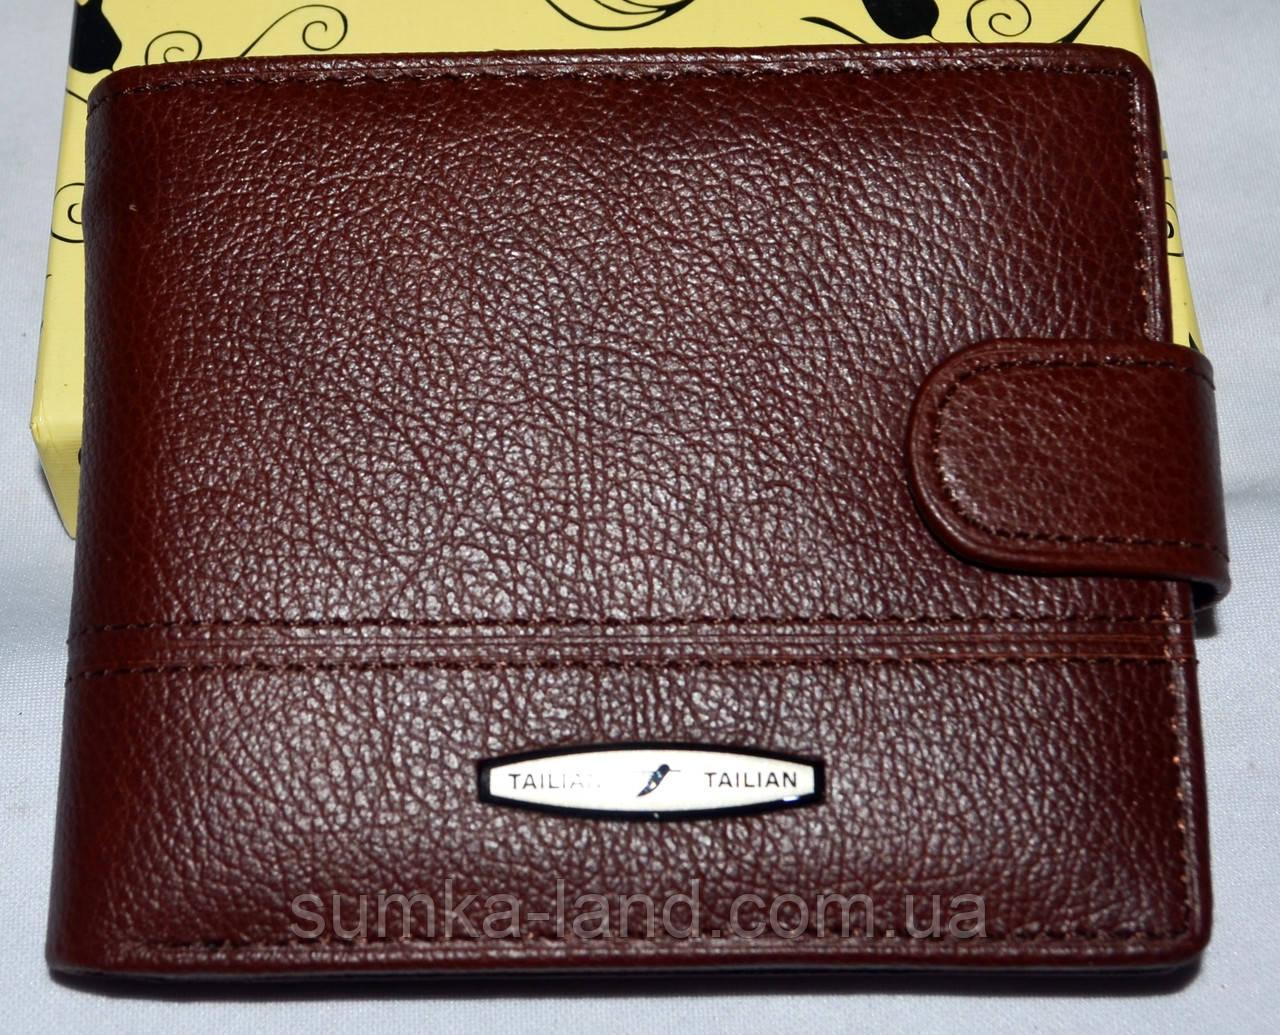 Мужской каштановый кошелек из натуральной кожи Tailian 11,5*9,5 см